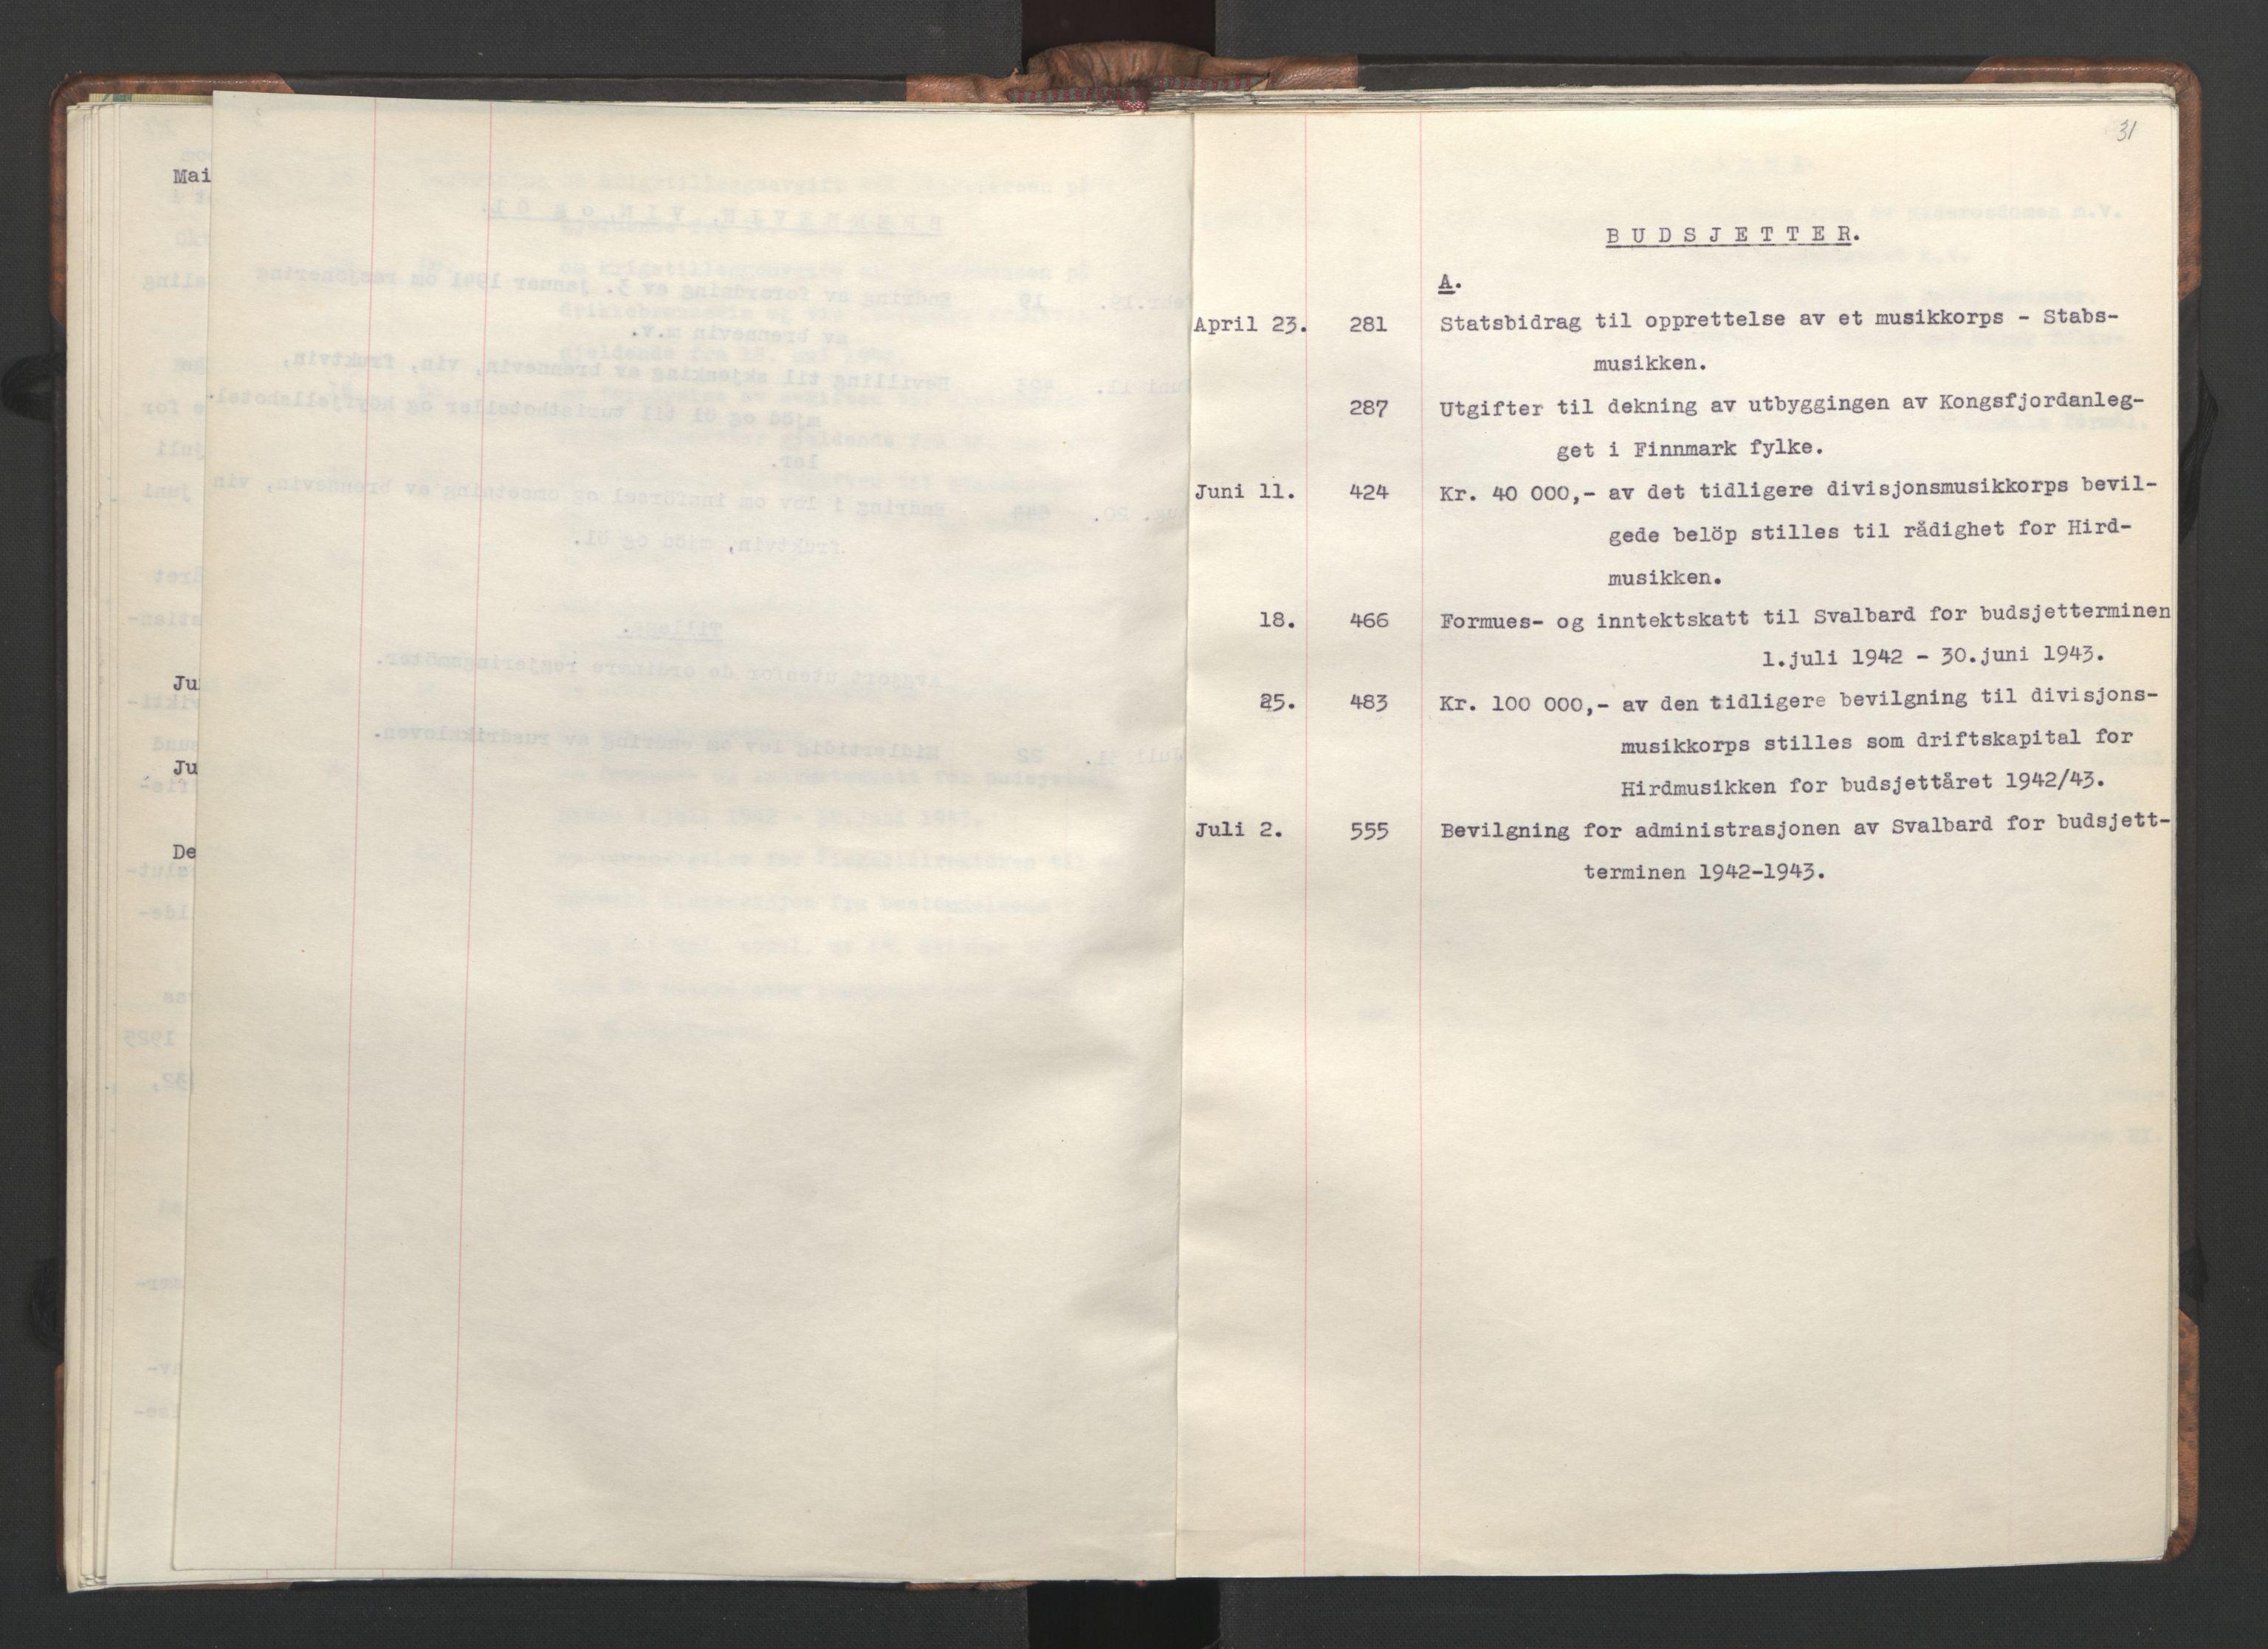 RA, NS-administrasjonen 1940-1945 (Statsrådsekretariatet, de kommisariske statsråder mm), D/Da/L0002: Register (RA j.nr. 985/1943, tilgangsnr. 17/1943), 1942, s. 30b-31a